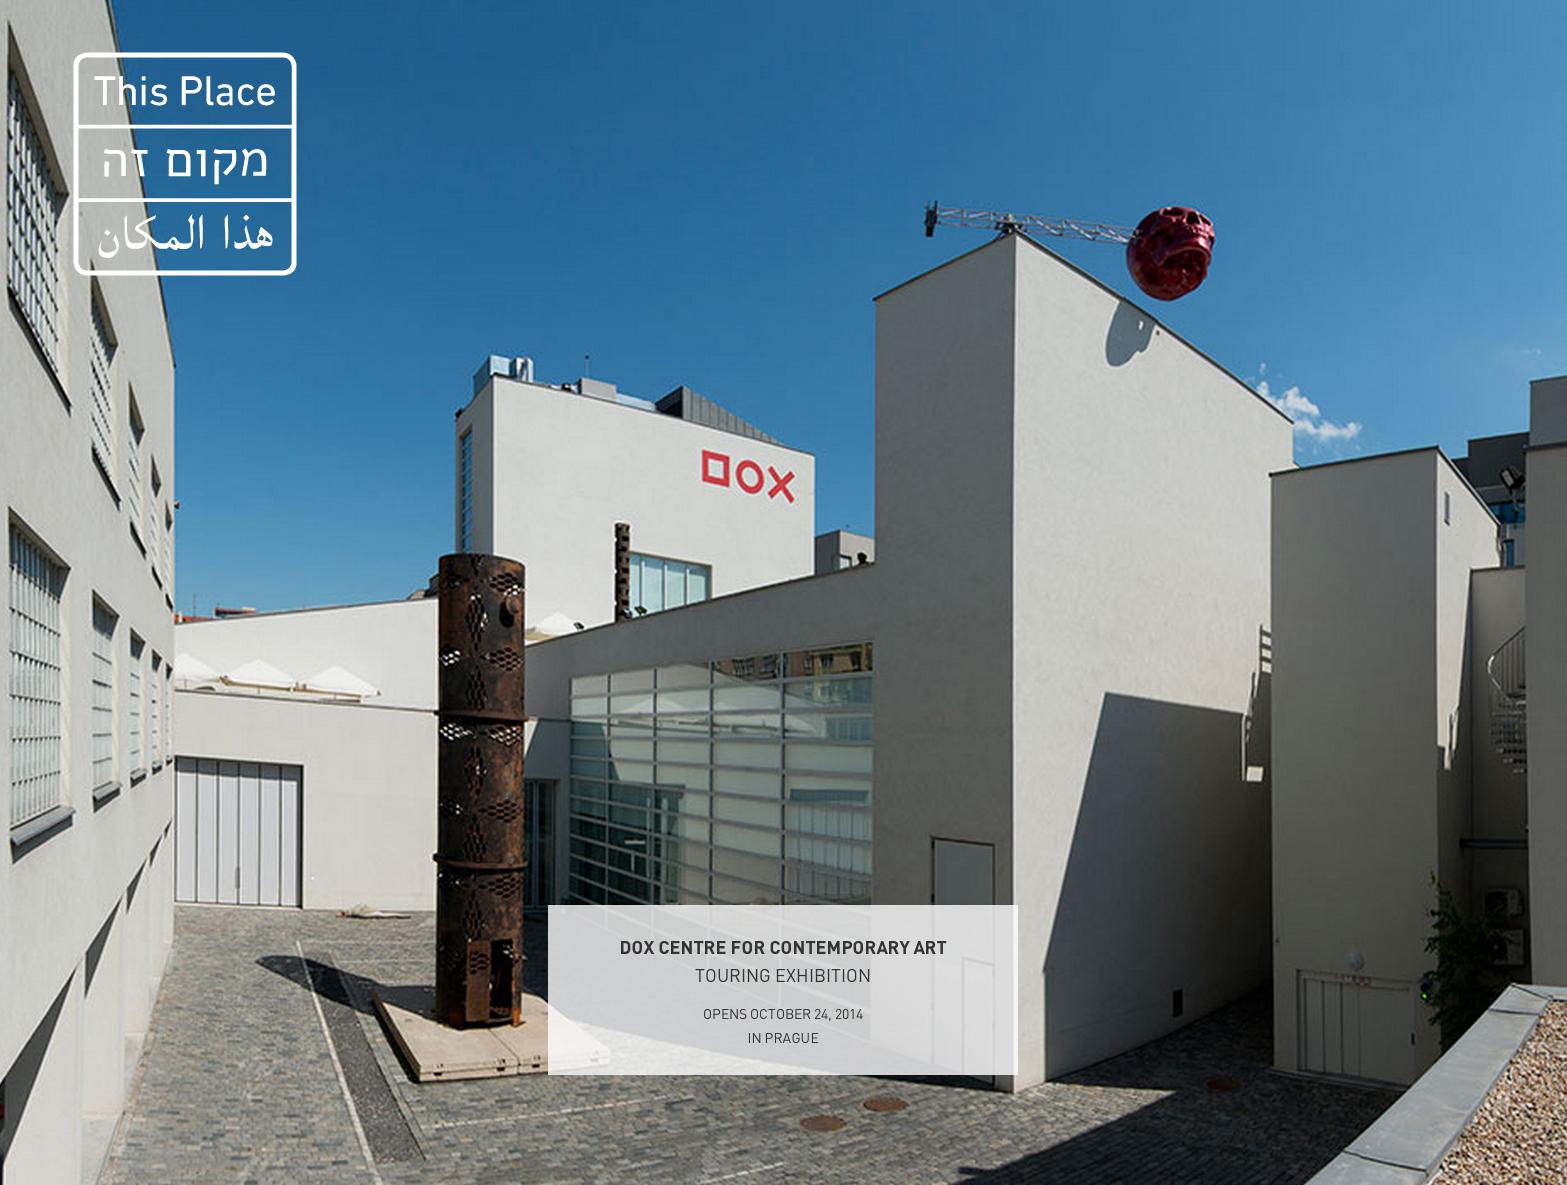 http://www.dox.cz/en/